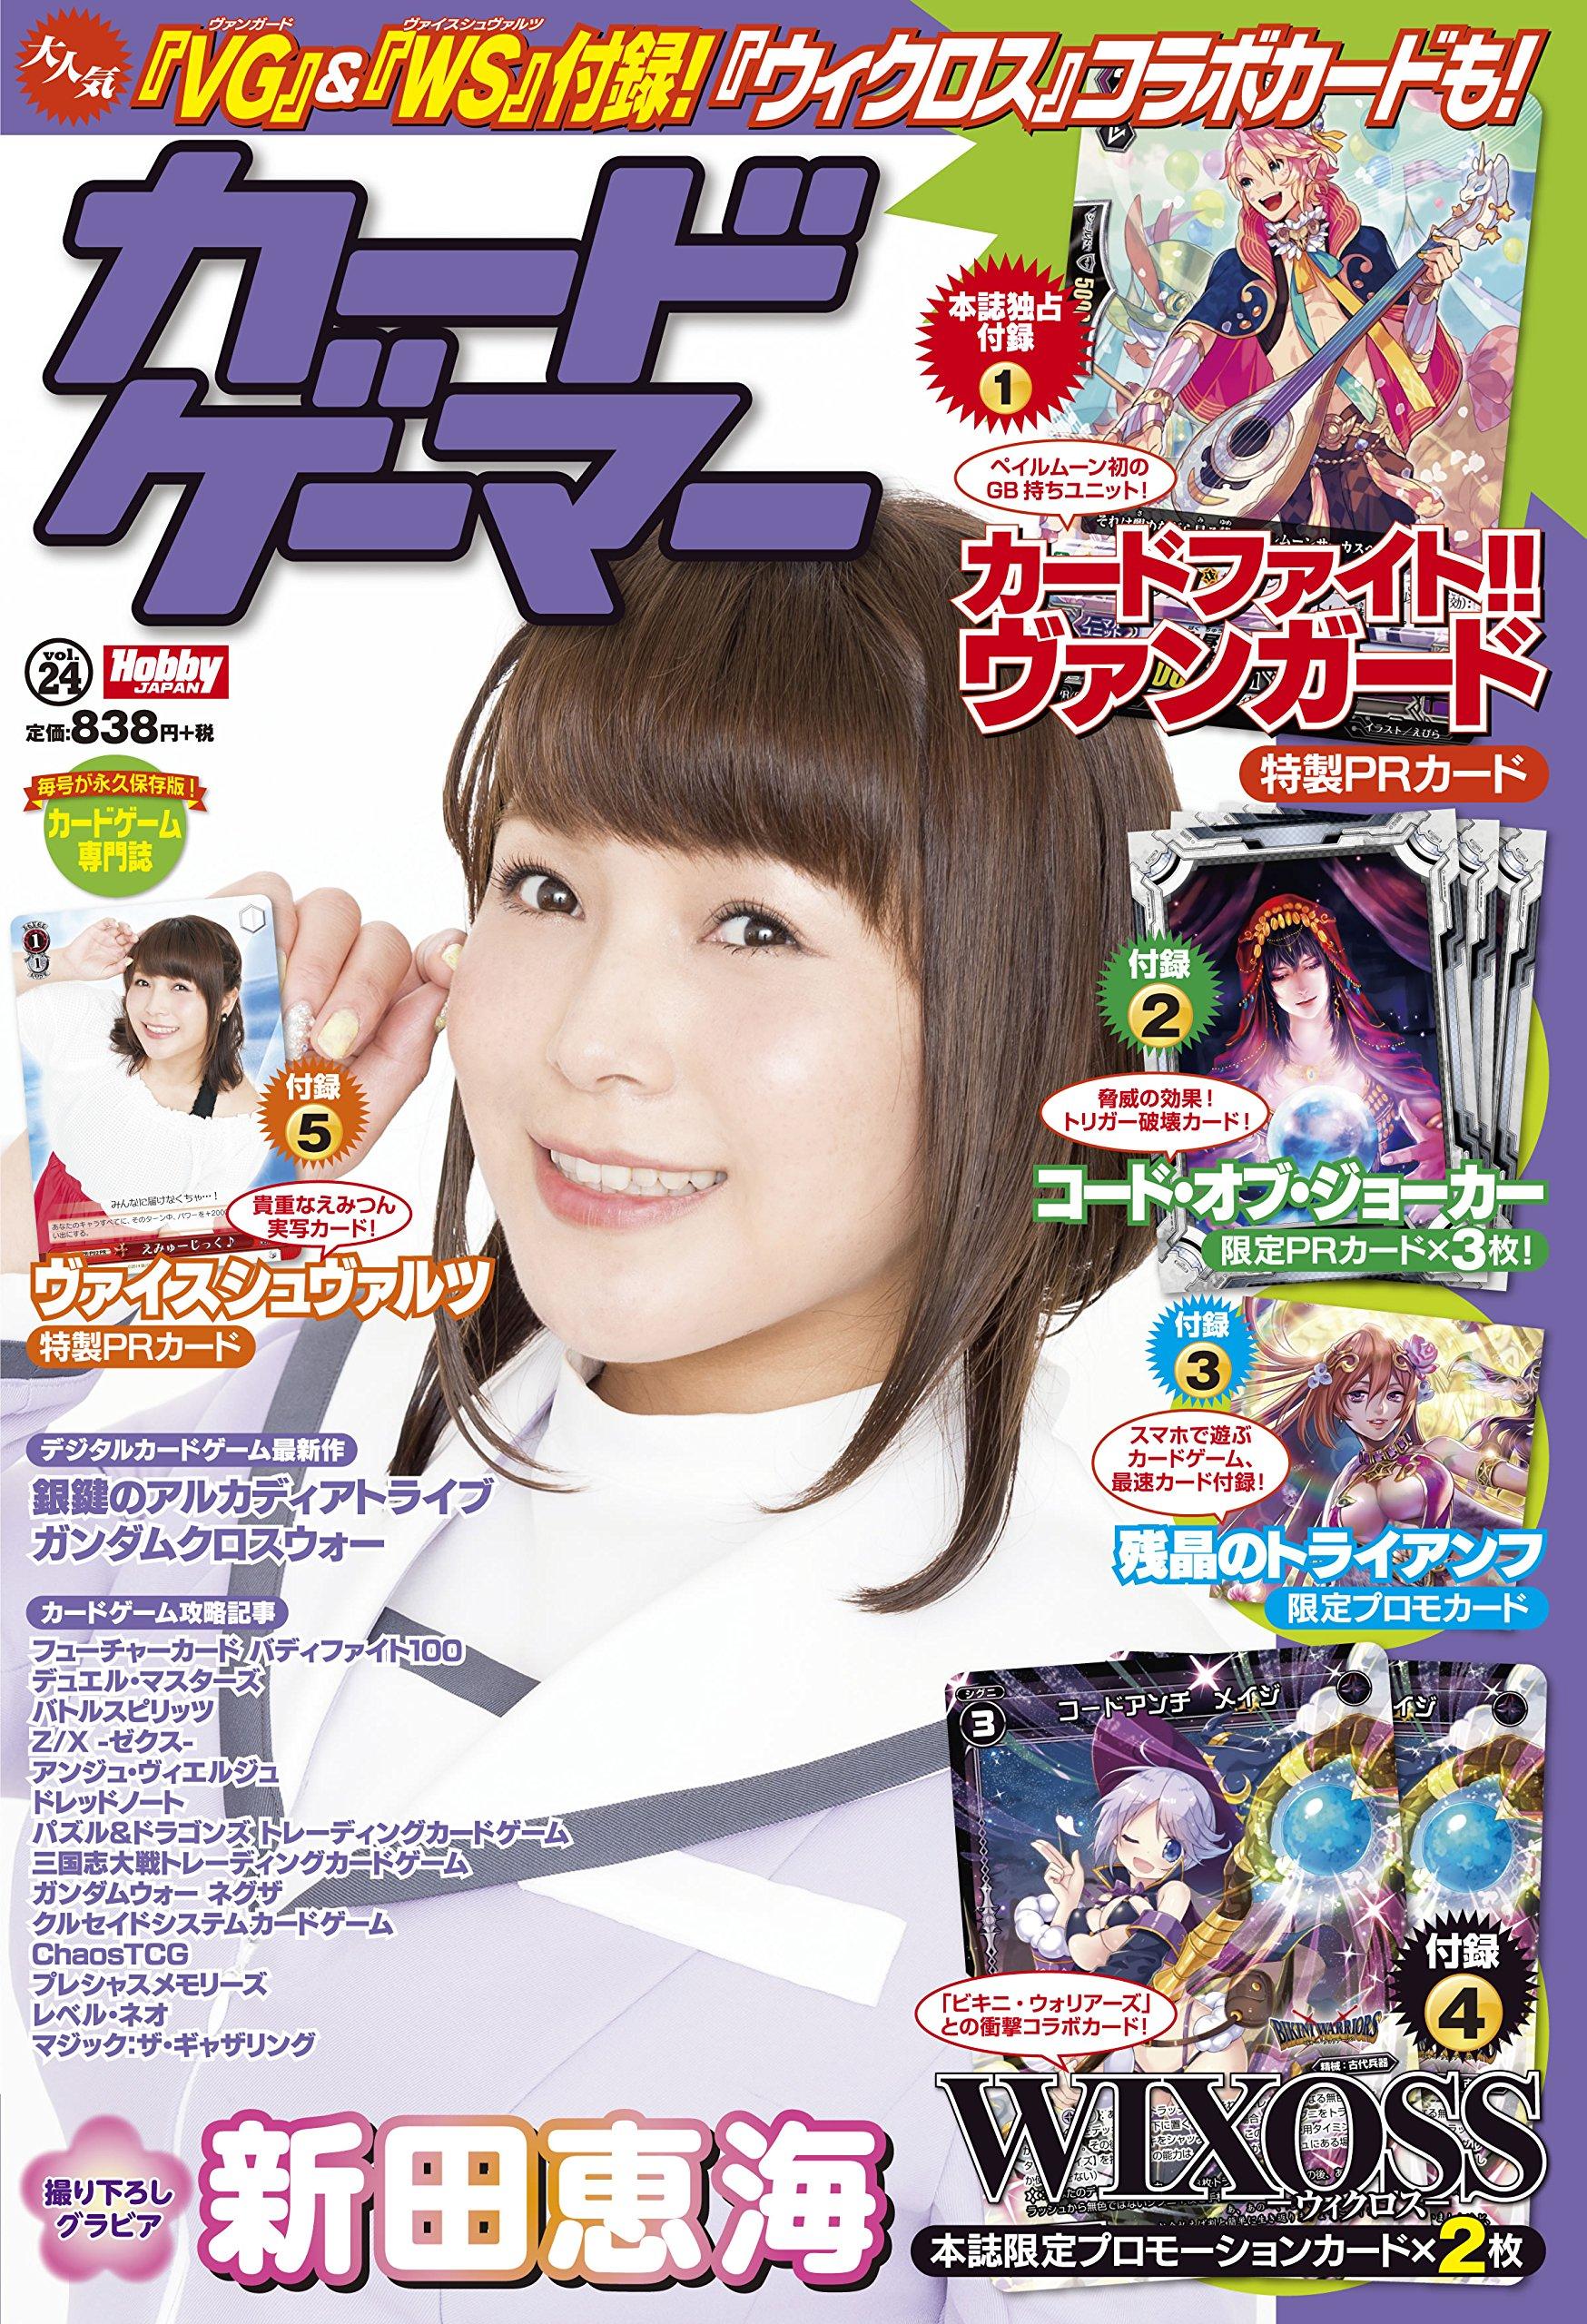 2015년 9월 30일 발매 '카드게이머' Vol.24 표지는 성우..